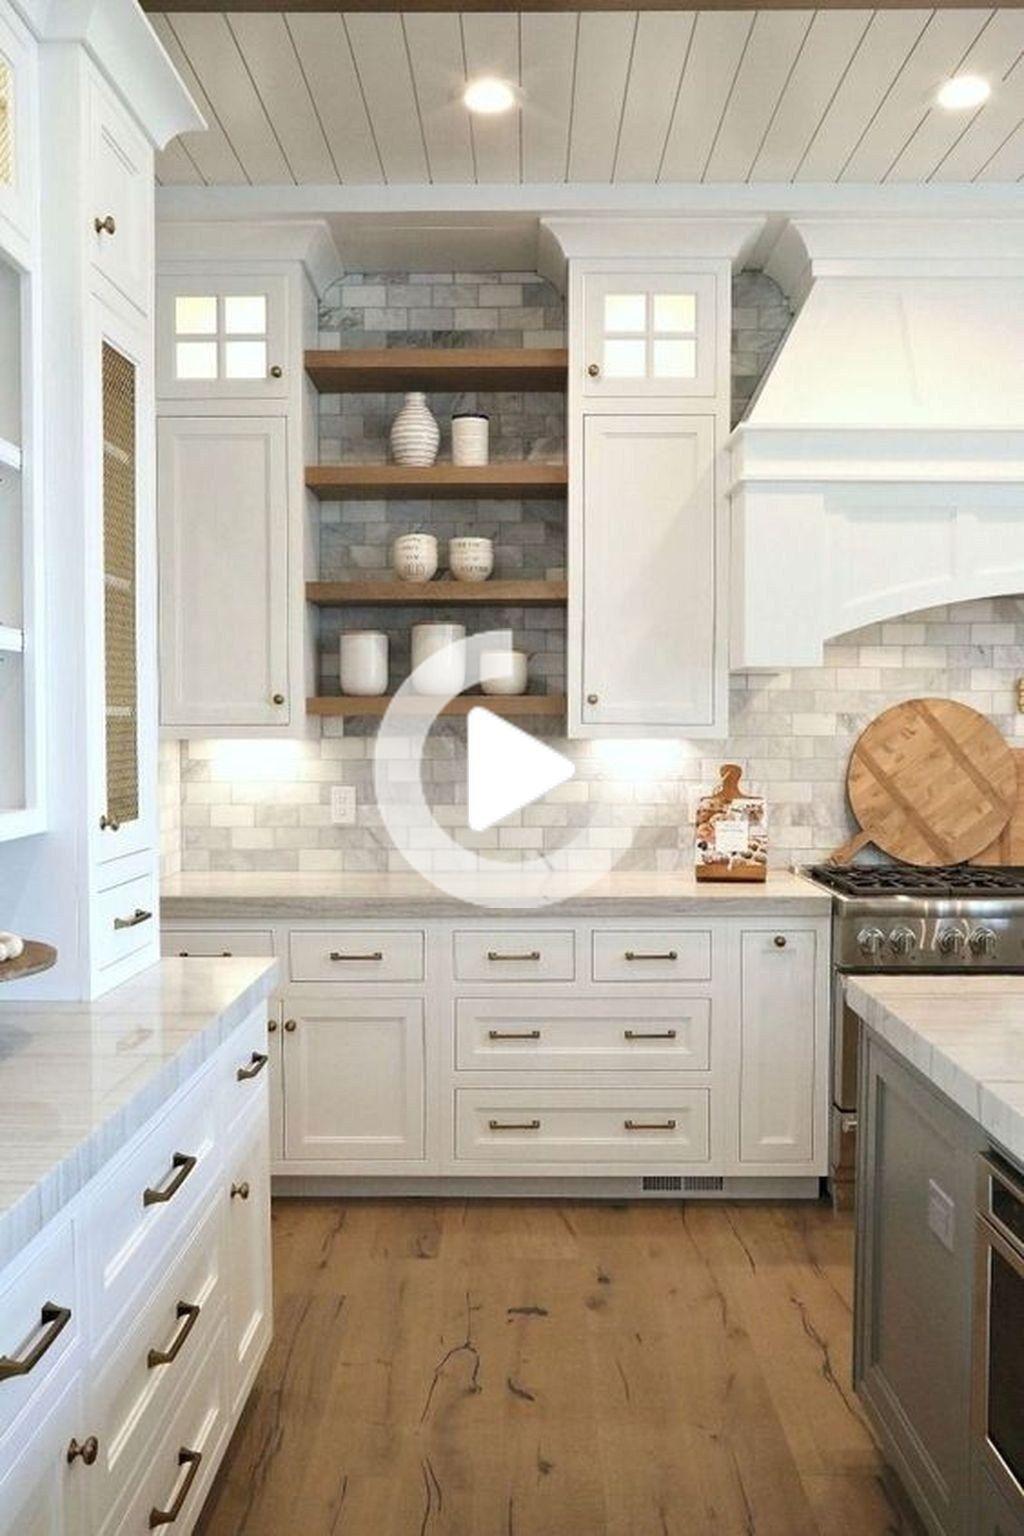 Hier Zijn De Moderne Boerderij Keuken Backsplash Ideas Dit Artikel Over Modern Farmhouse Kitchen In 2020 Modern Kitchen Rustic Kitchen Kitchen Cabinet Design